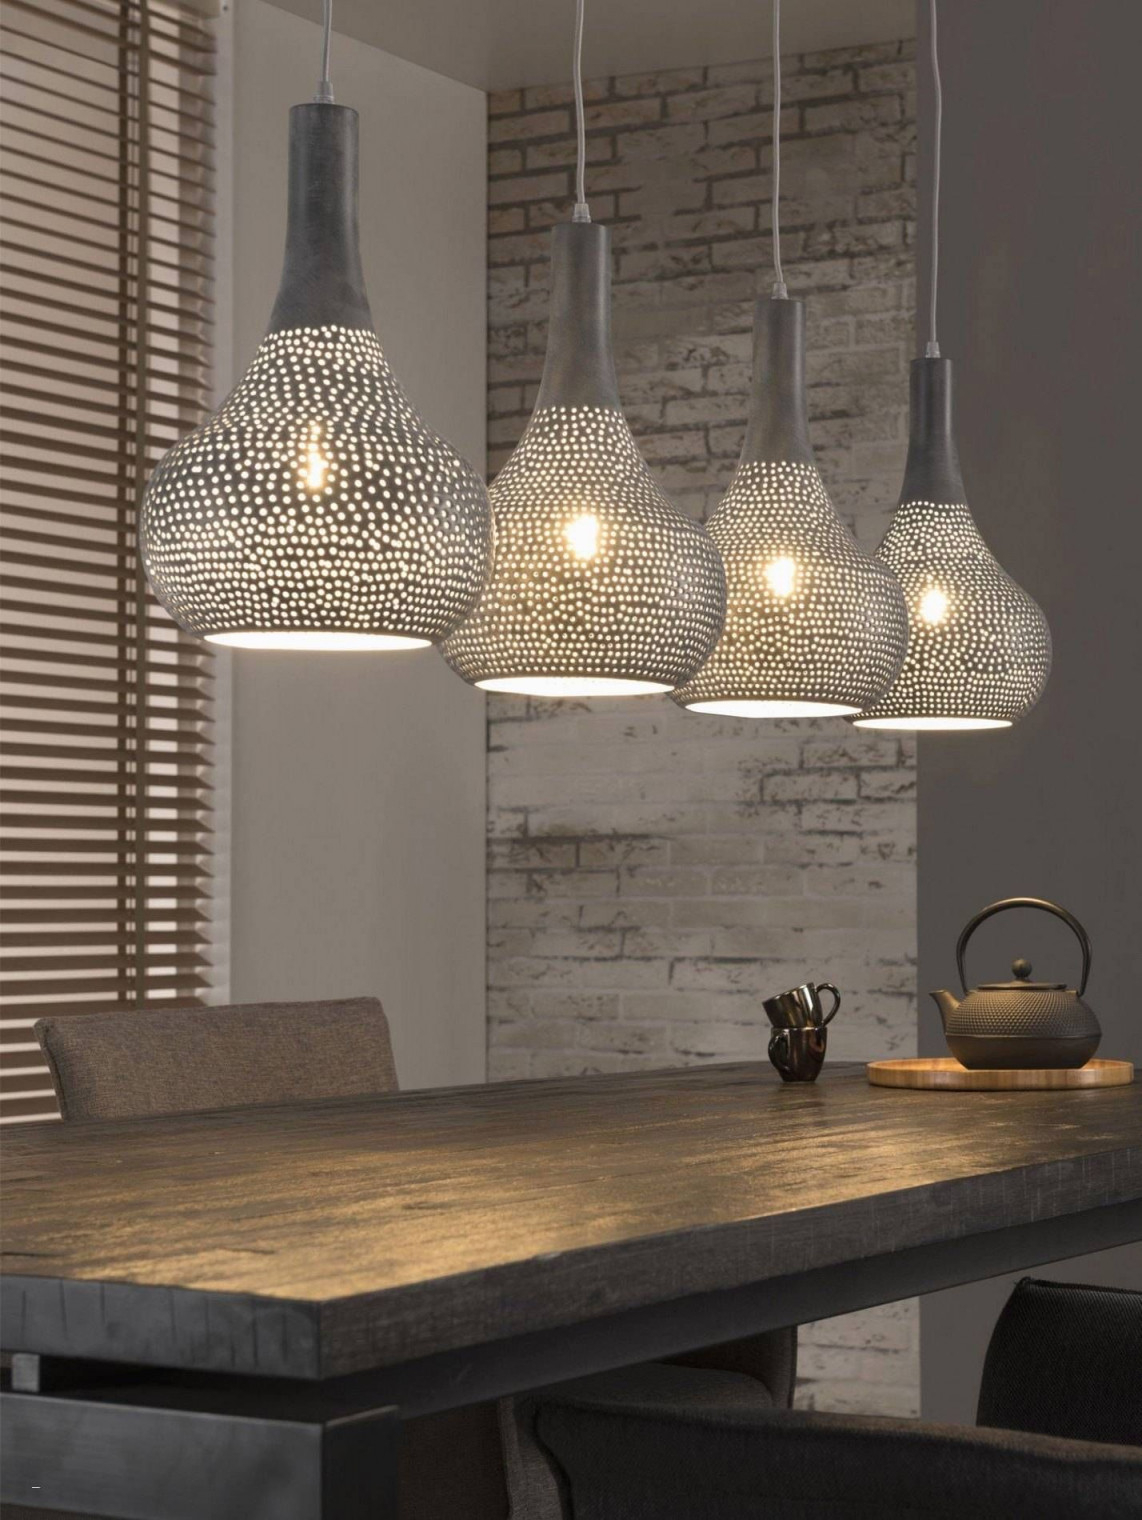 Schön Wohnzimmer Lampe Poco Inspirationen Lampen  Hanging von Lampe Wohnzimmer Industrial Photo